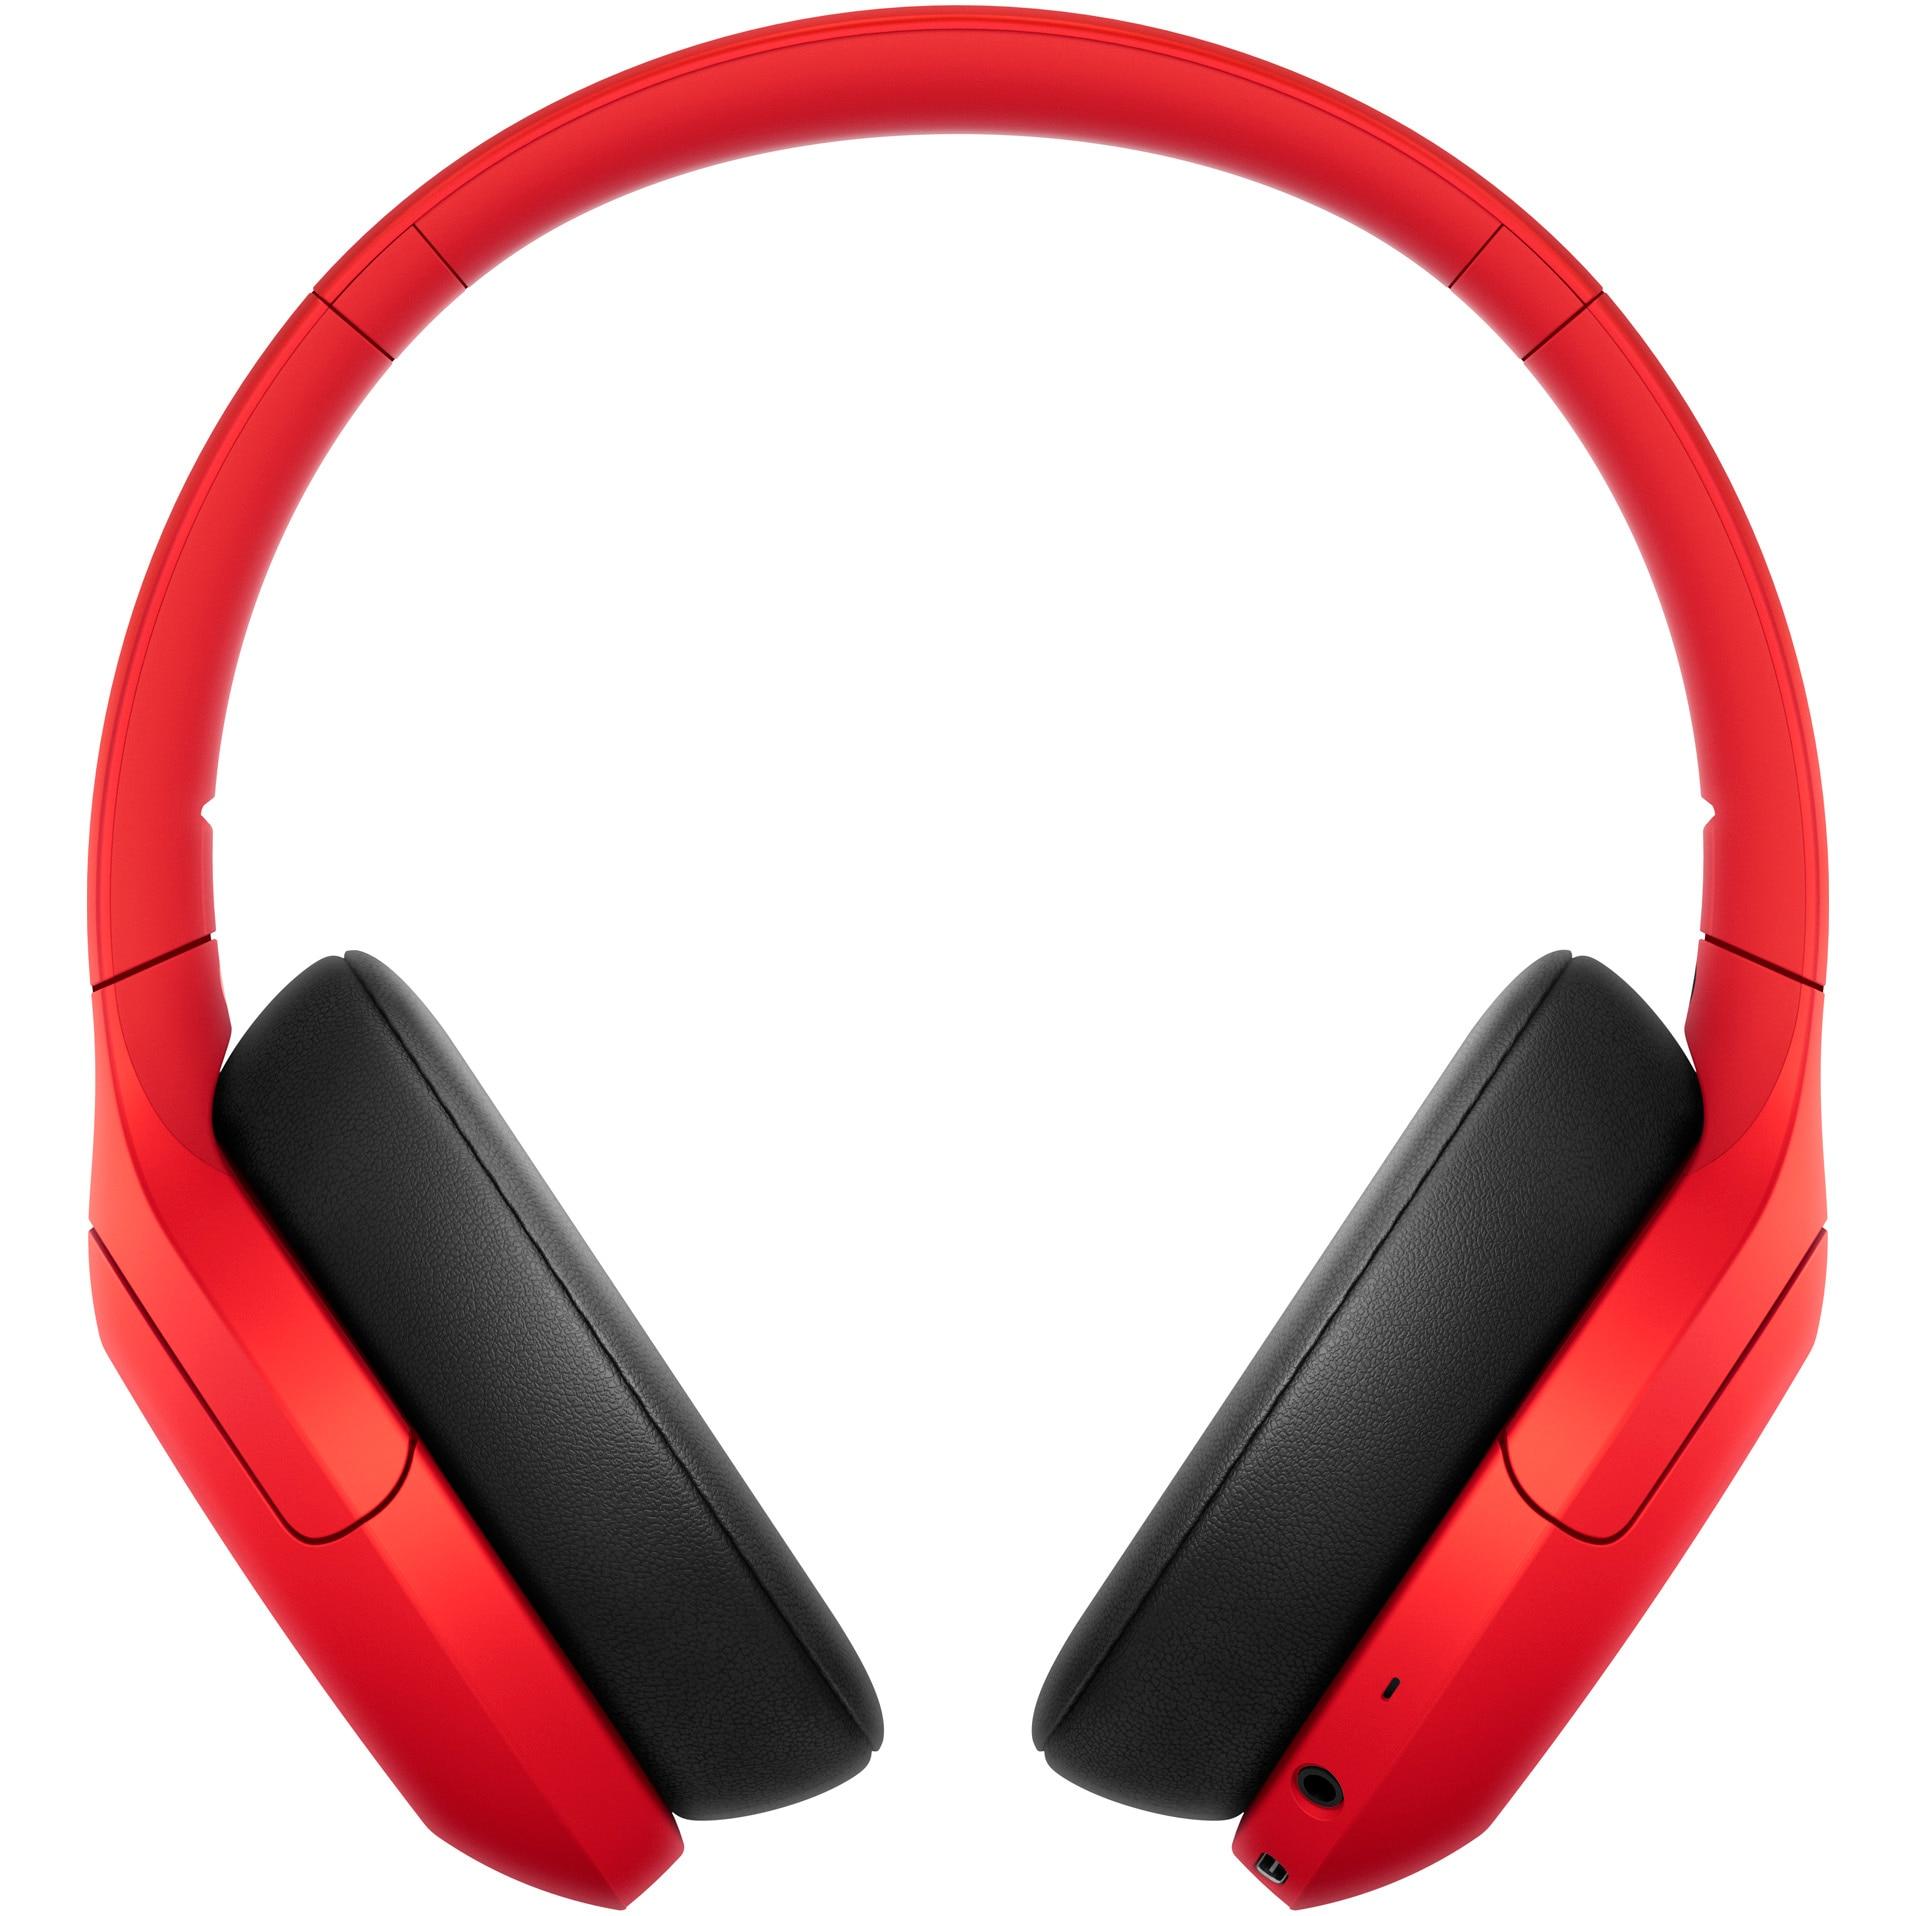 Ezzel az eszközzel bármelyik fülhallgató vezeték nélkülivé válhat Fejhallgató ellen